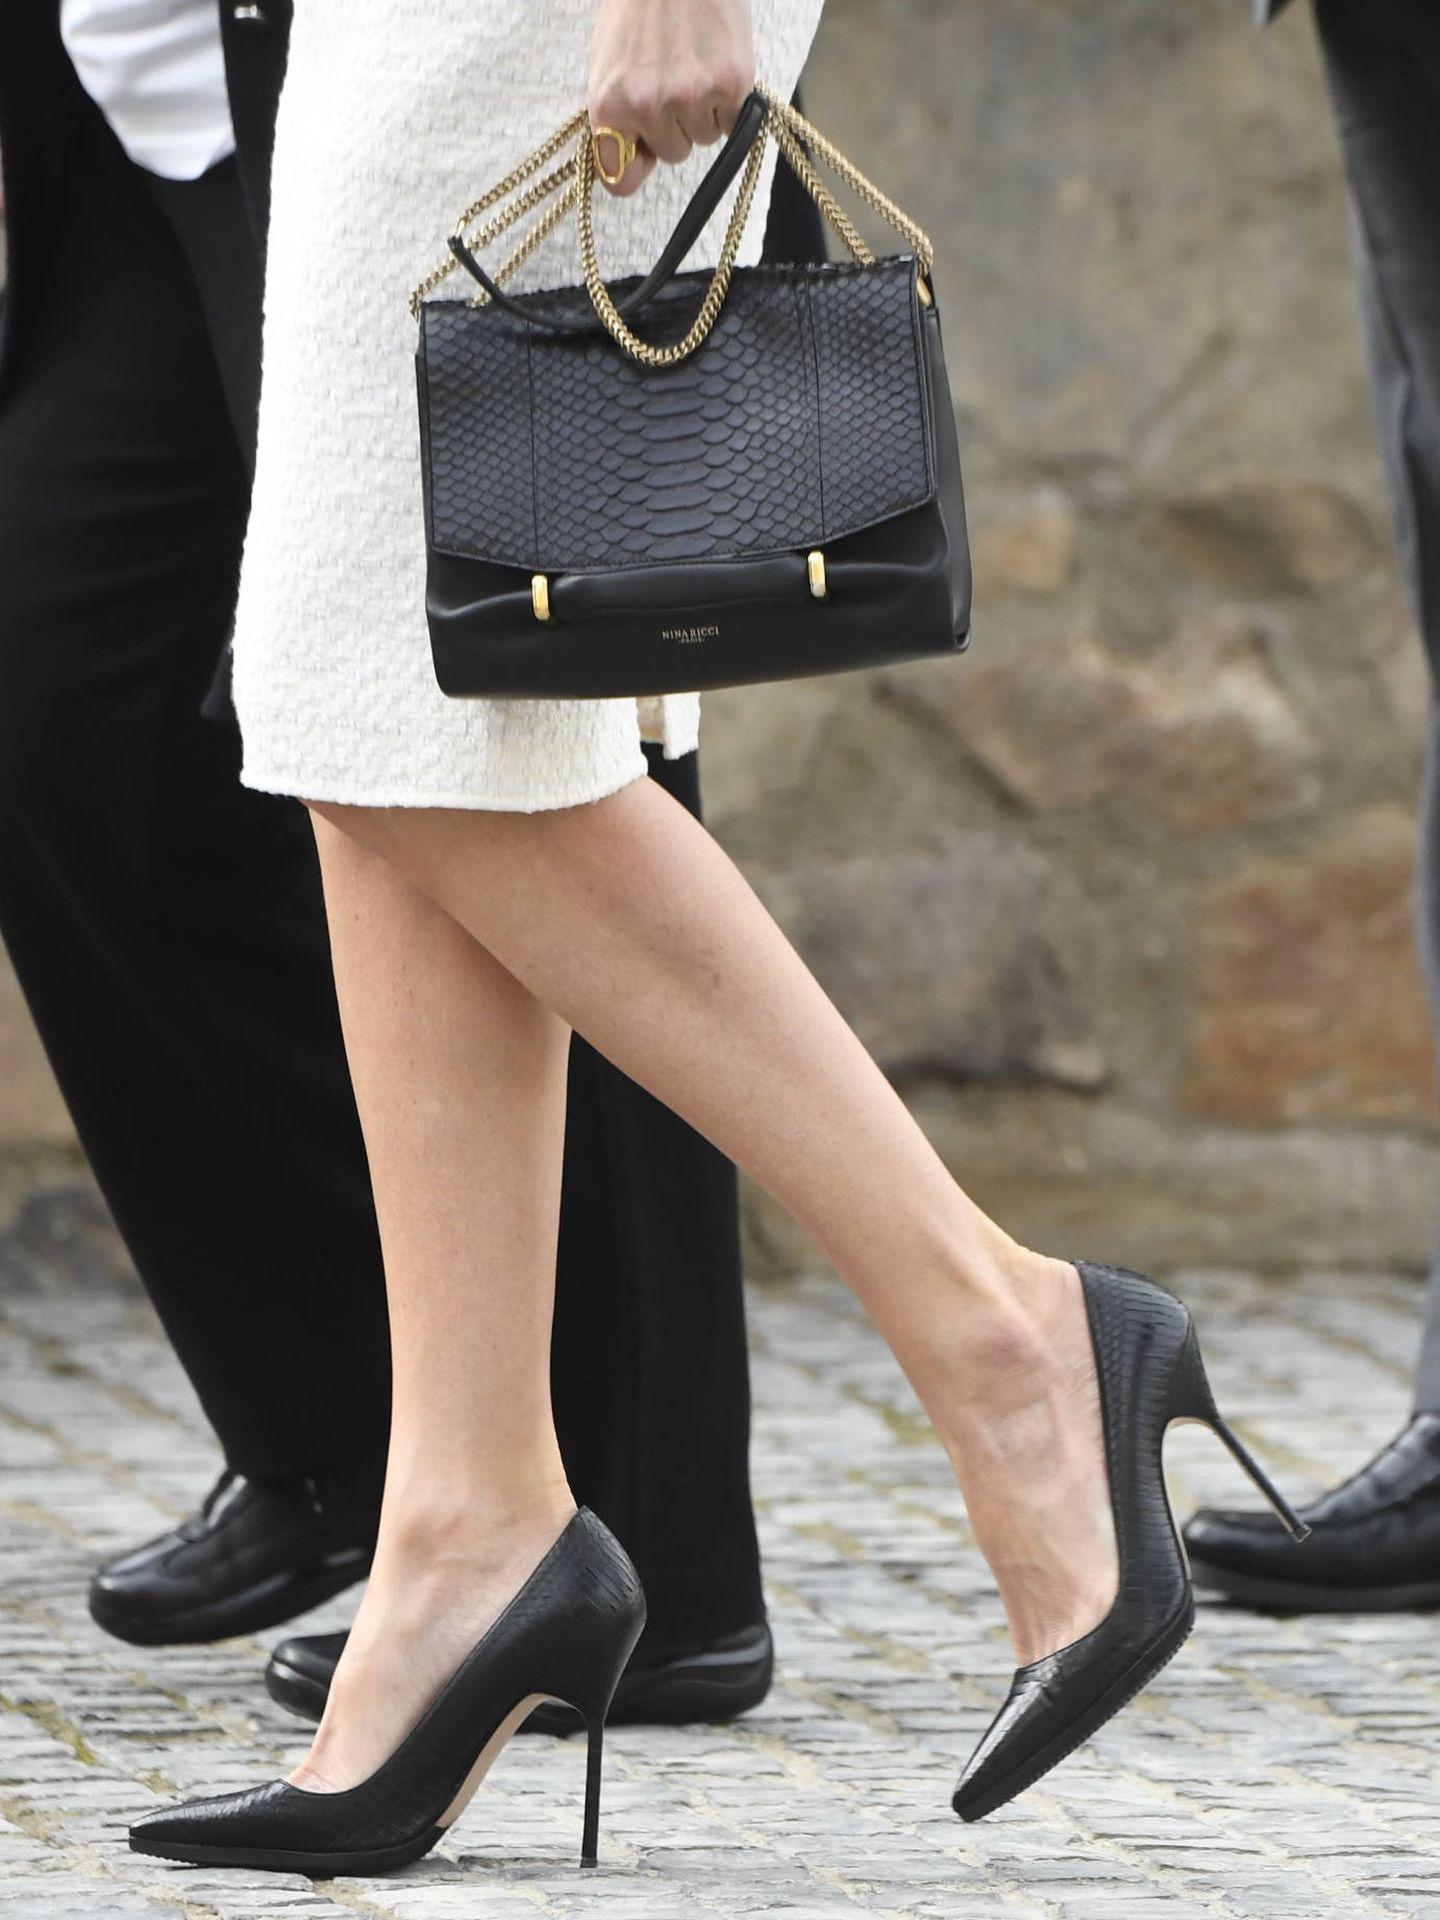 Detalle del bolso y los zapatos de la Reina. (LP)